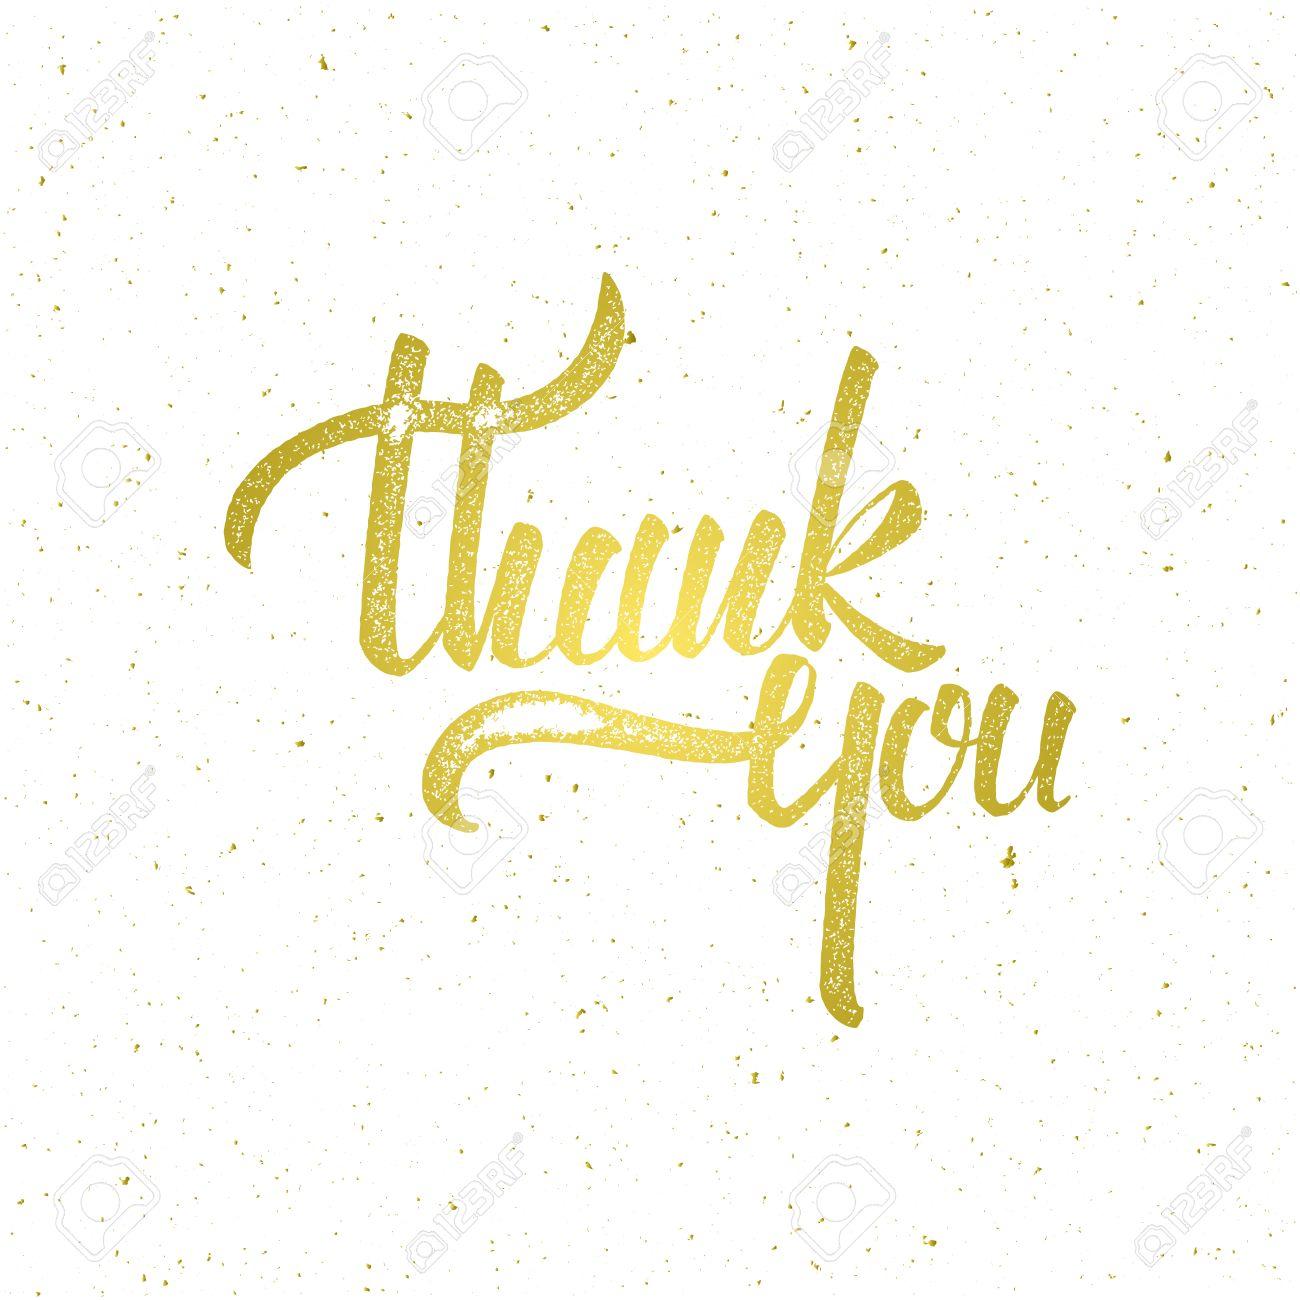 goldene danke auf weißem hintergrund schriftzug. illustration für, Einladungen